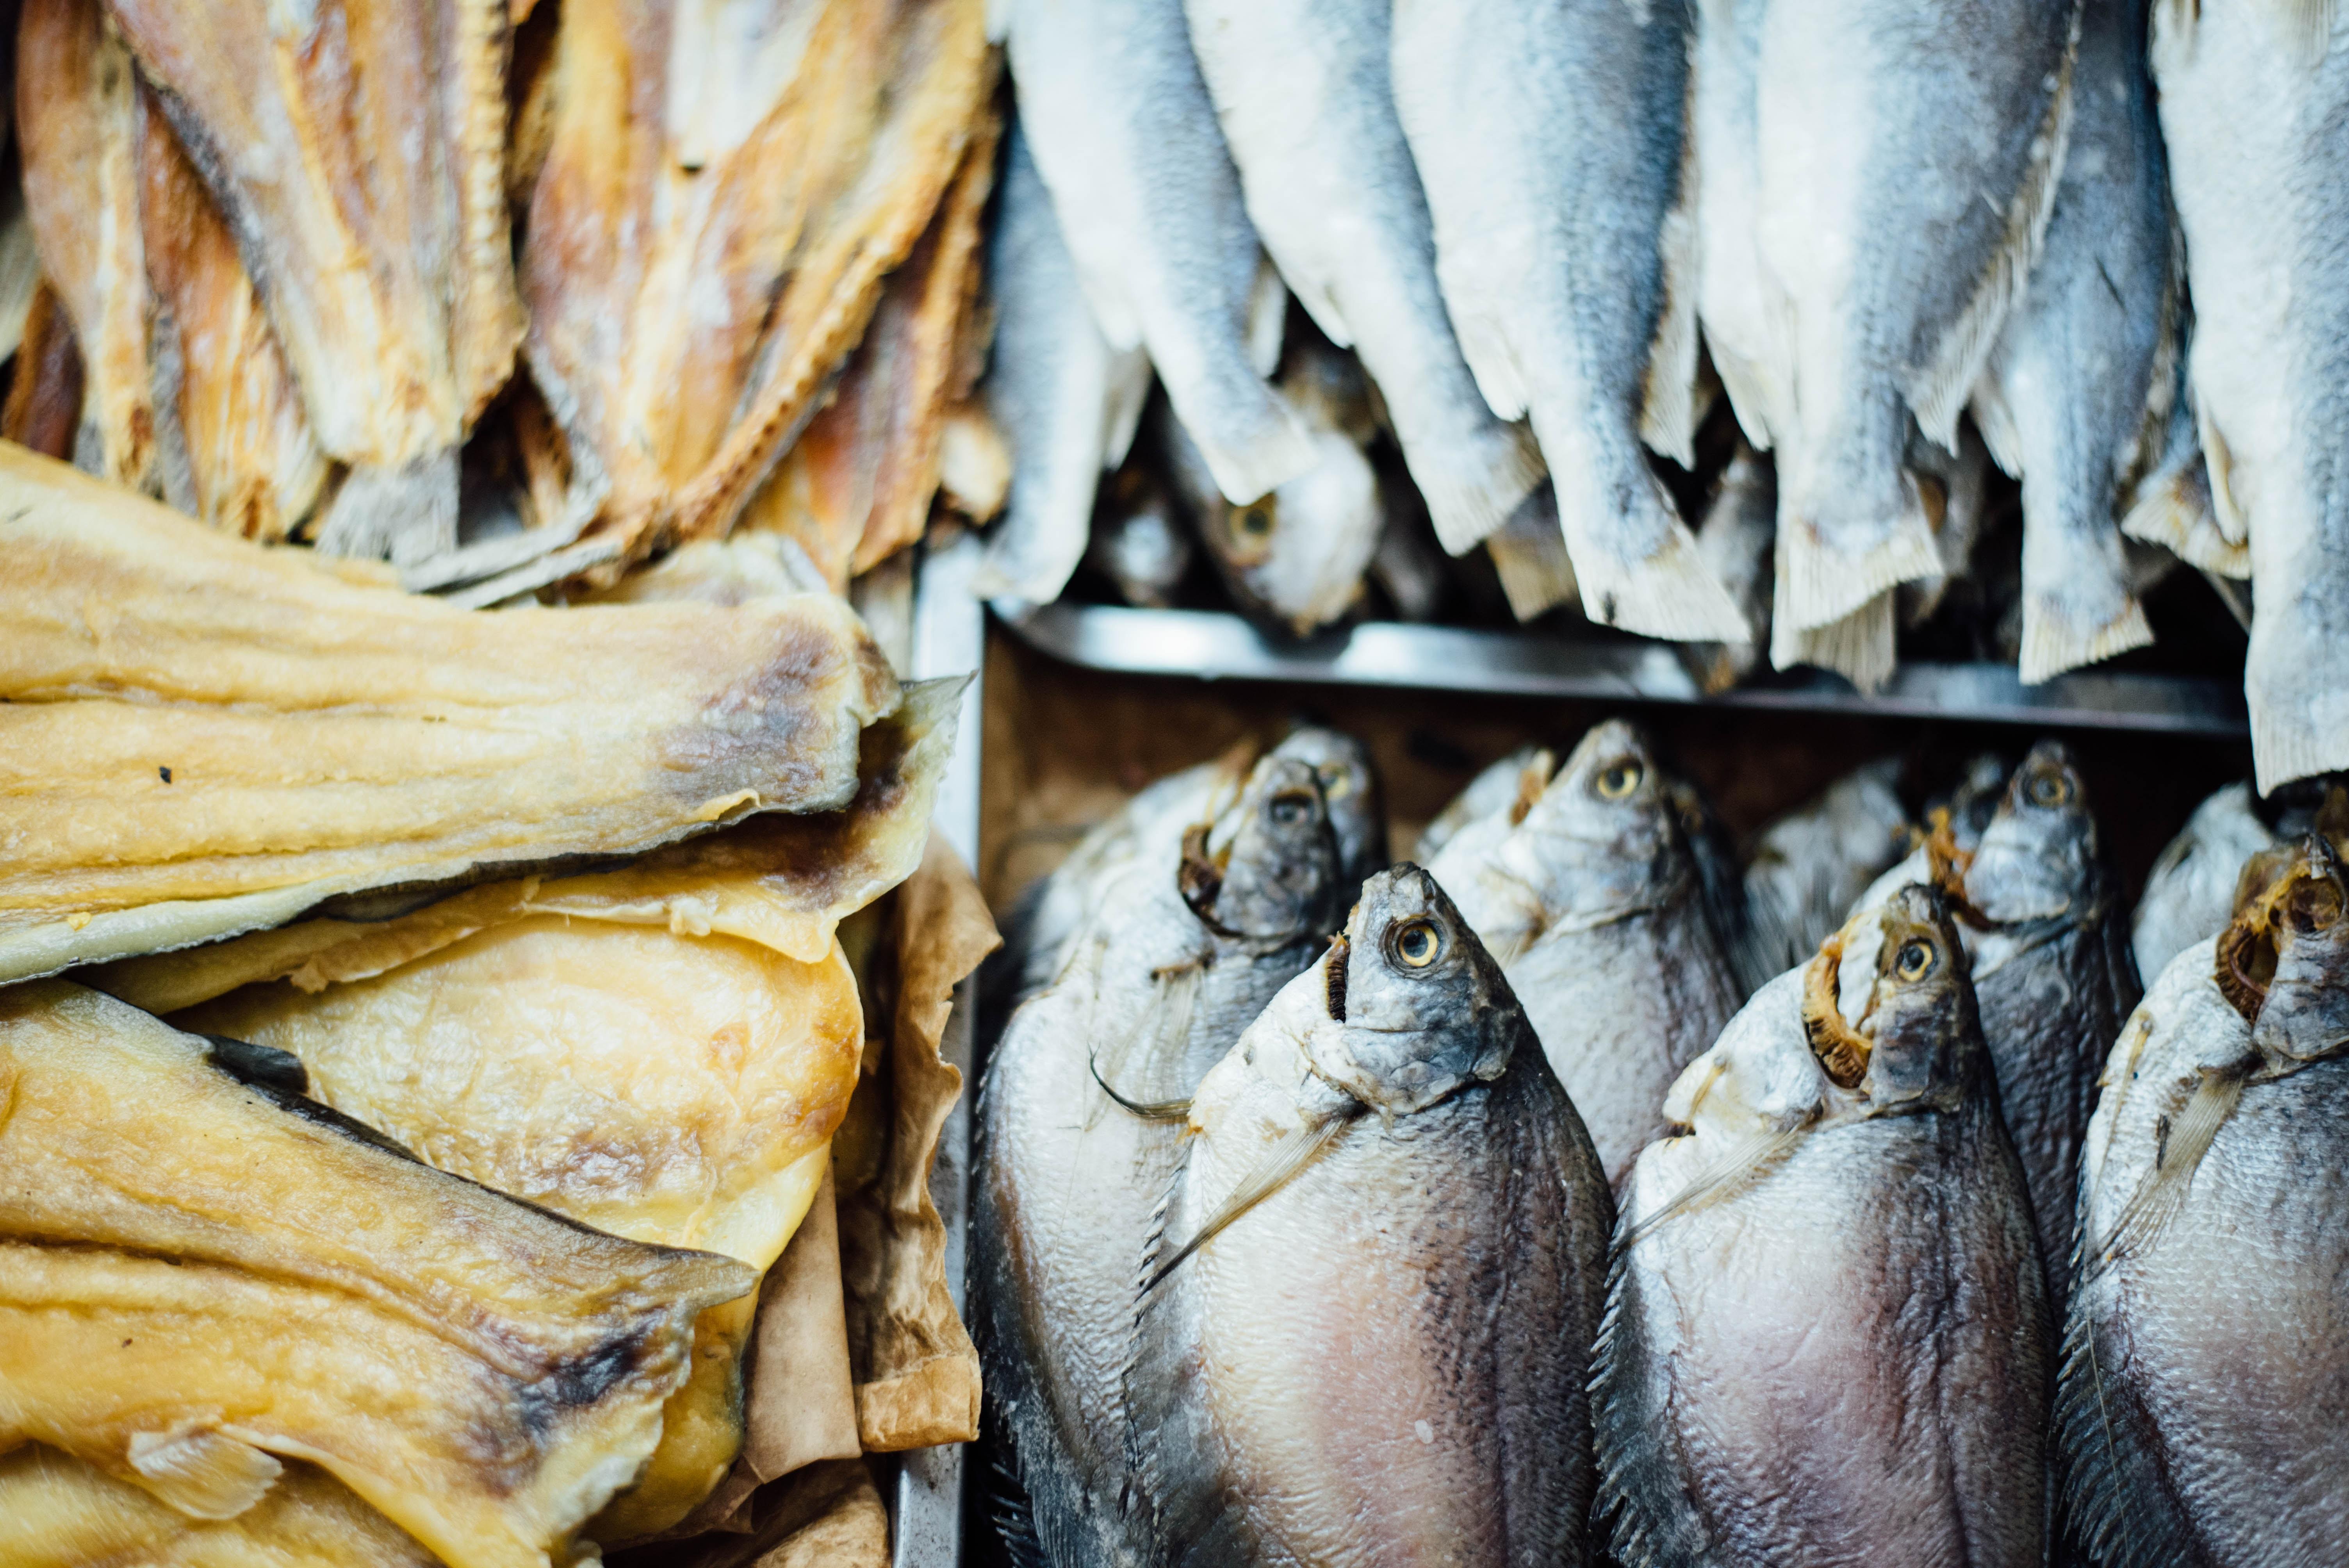 ryby - Quiz: Tradycyjne potrawy wigilijne - co o nich wiesz?